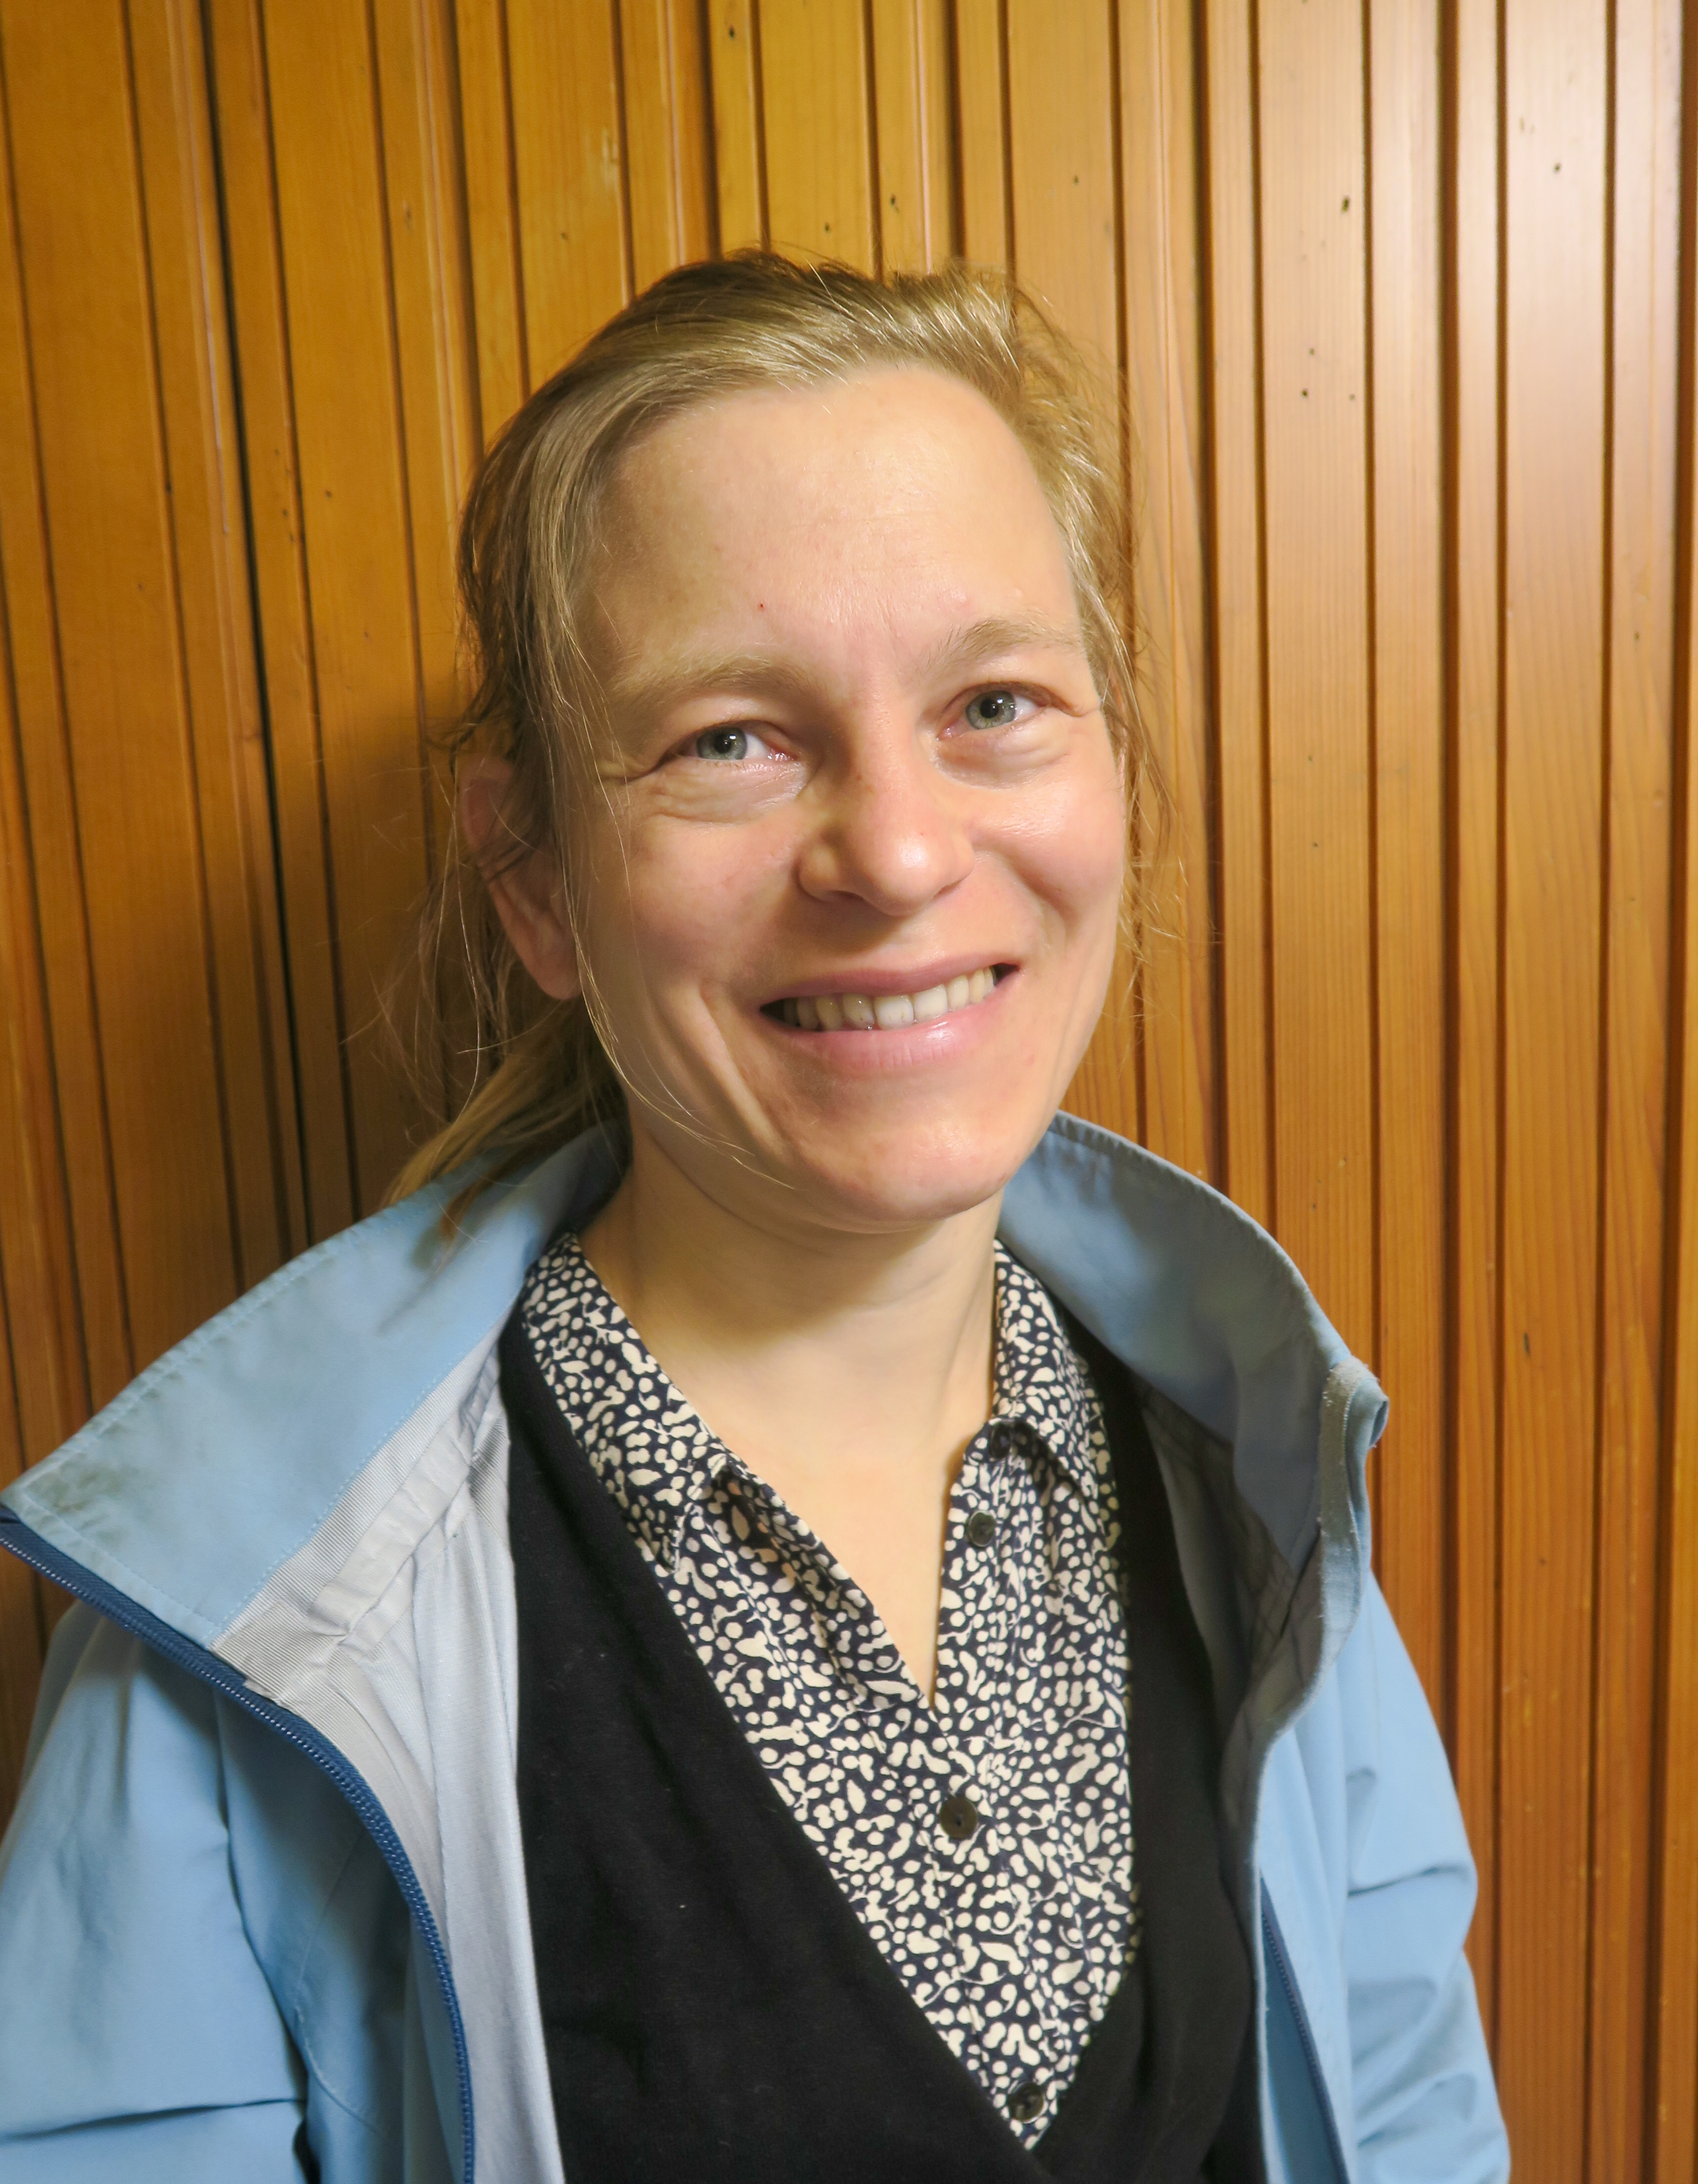 Katja Graf